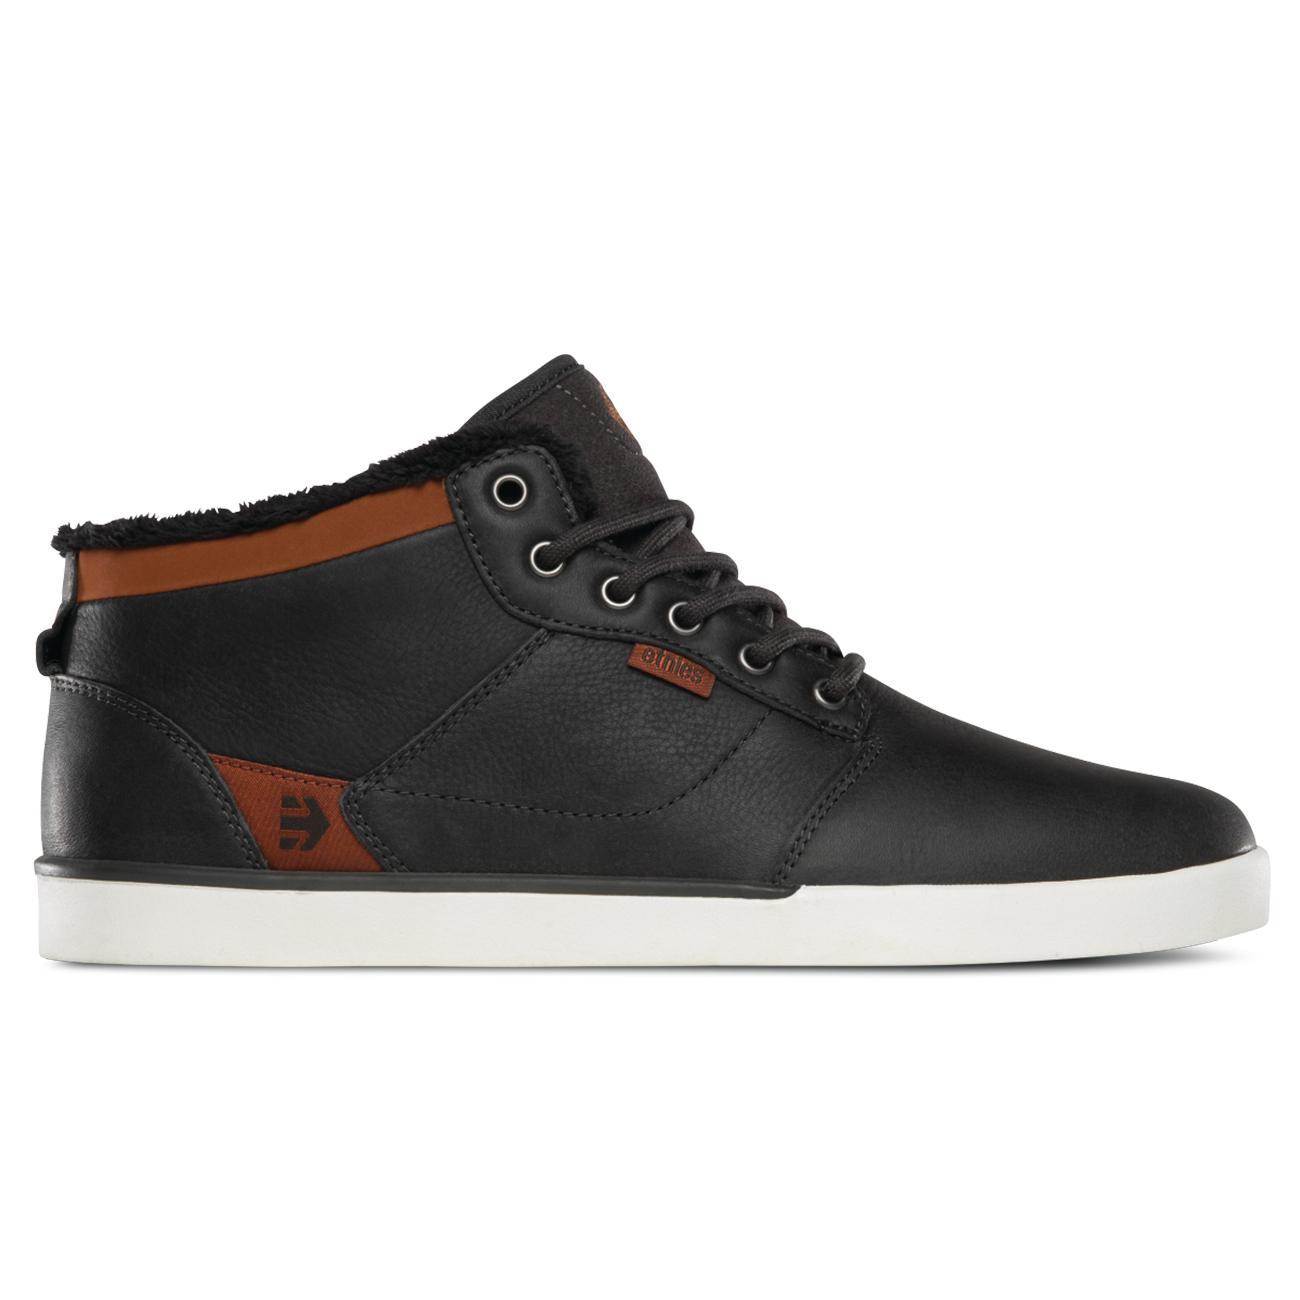 4d47ea817bfc56 Etnies Herren Sneaker JEFFERSON MID